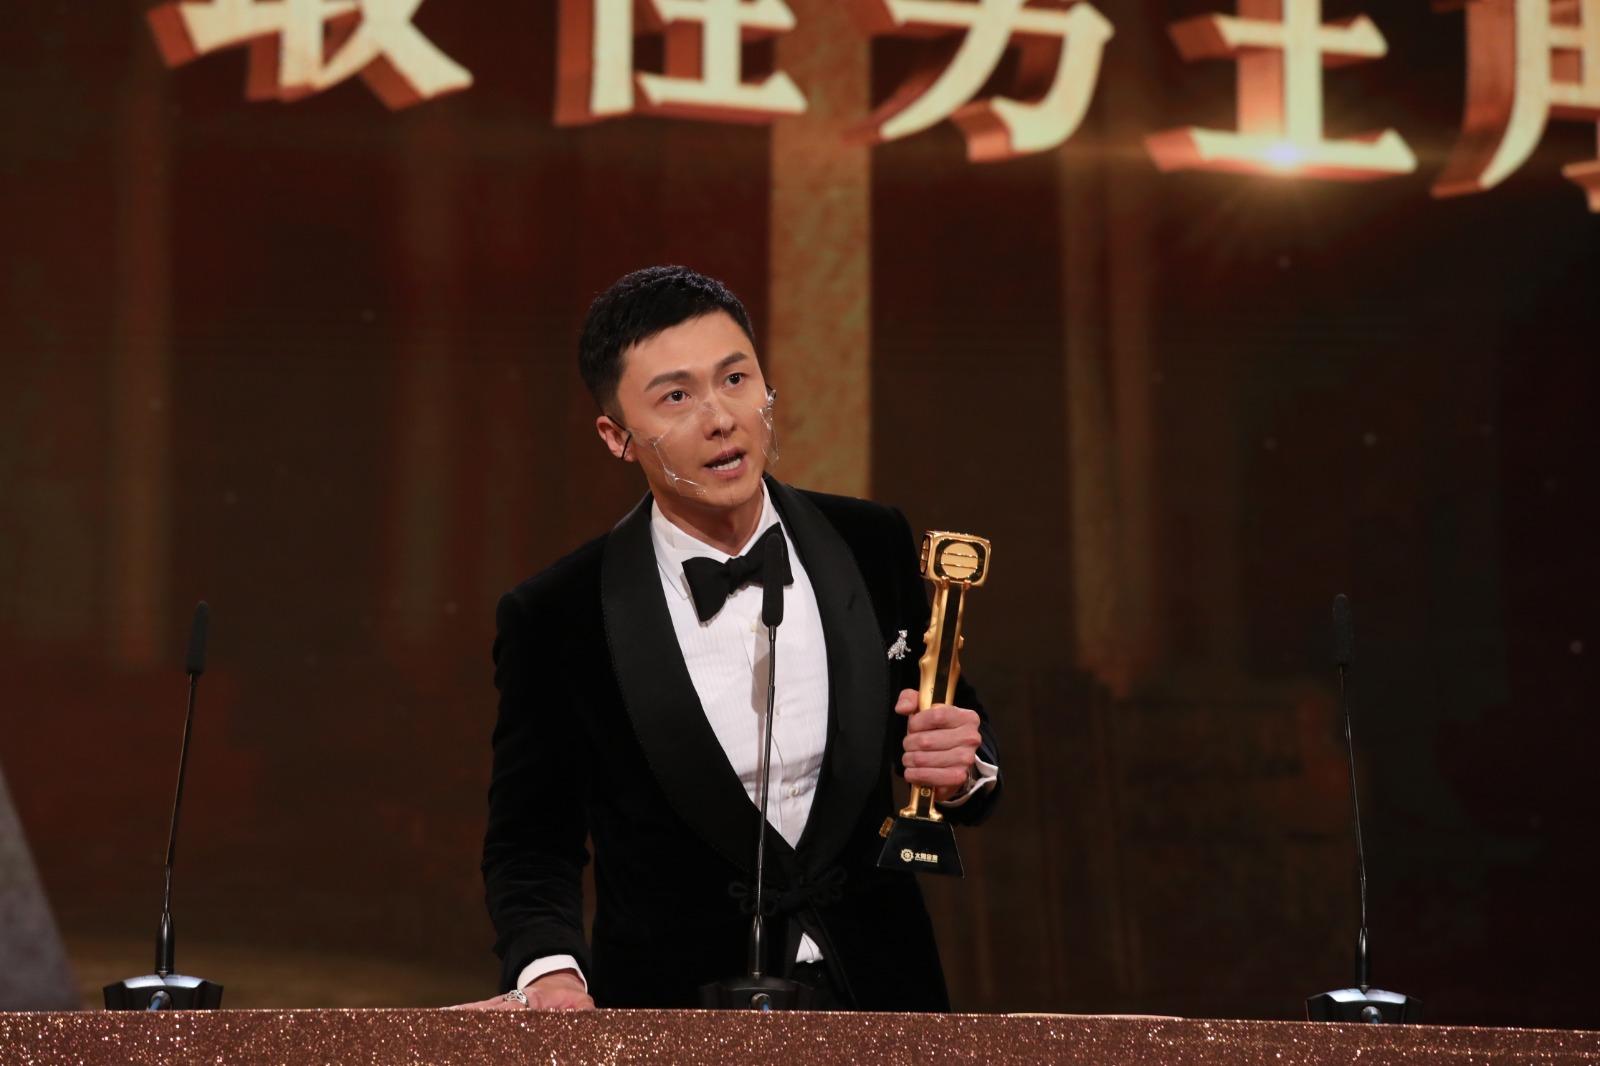 """TVB新晋""""最佳女主角""""蔡思贝凭啥跑赢前辈们的N个十年?"""